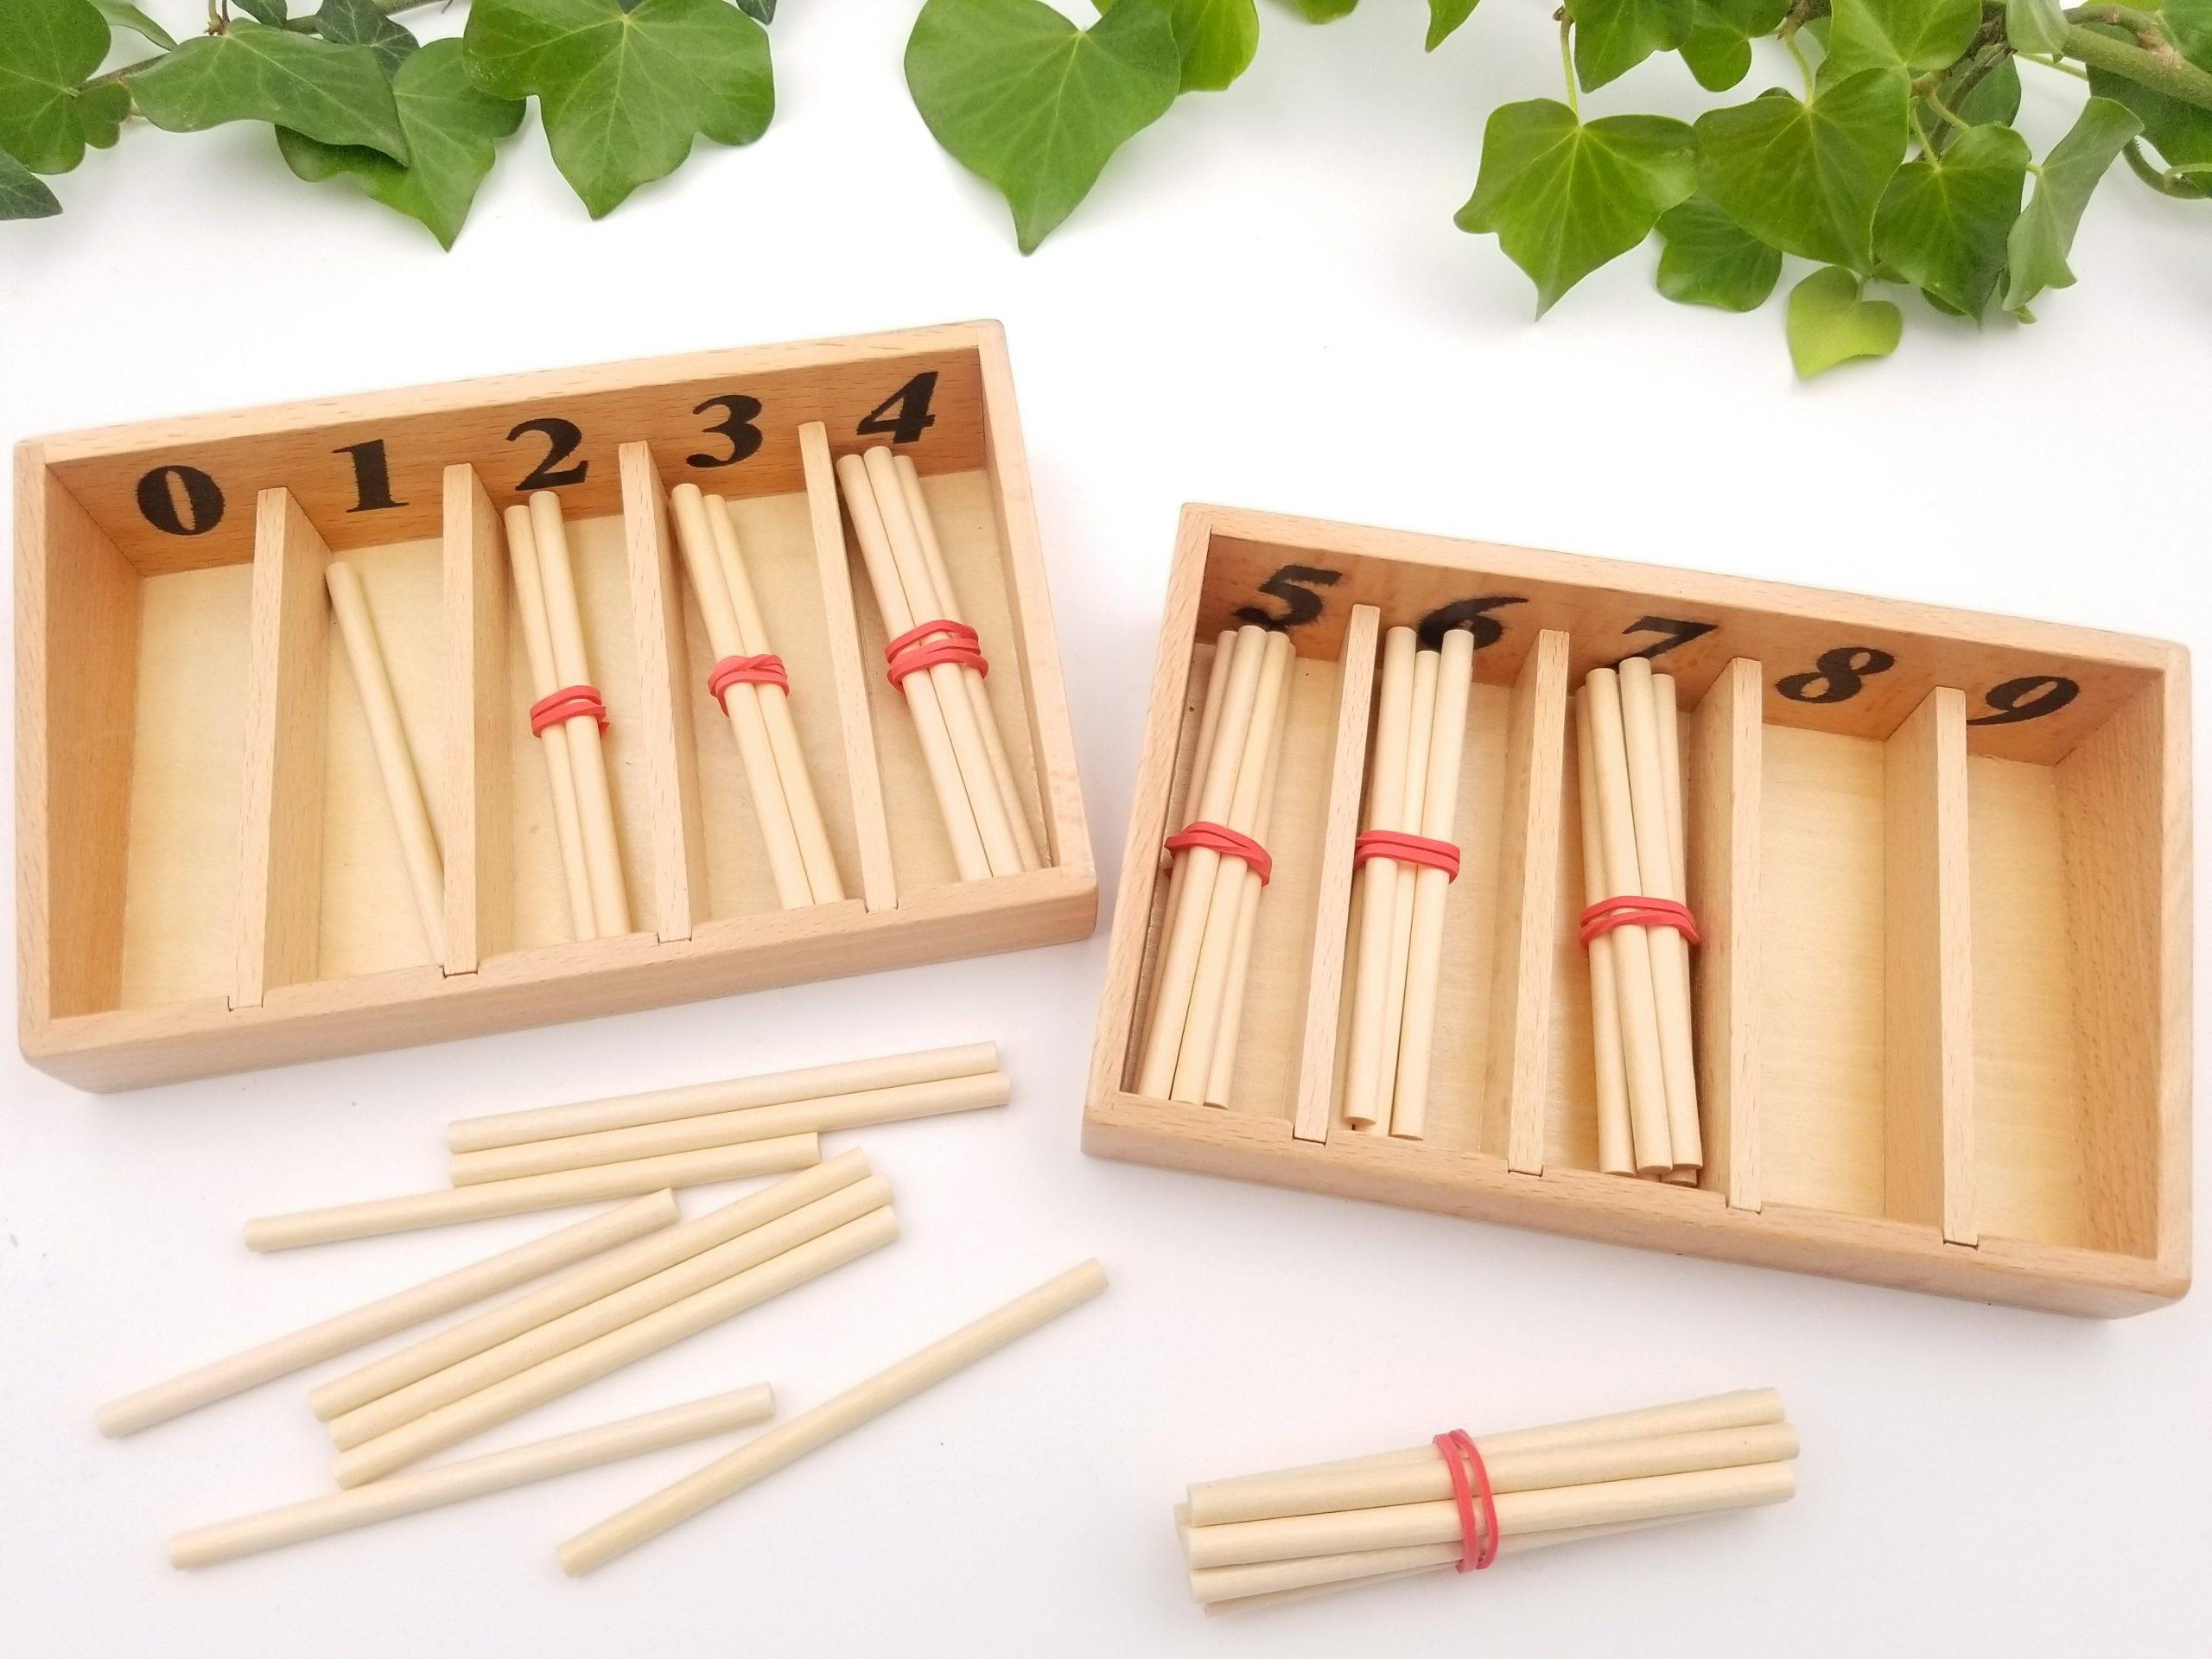 Fuseaux Montessori bâtonnets pour compter, boite fuseaux montessori